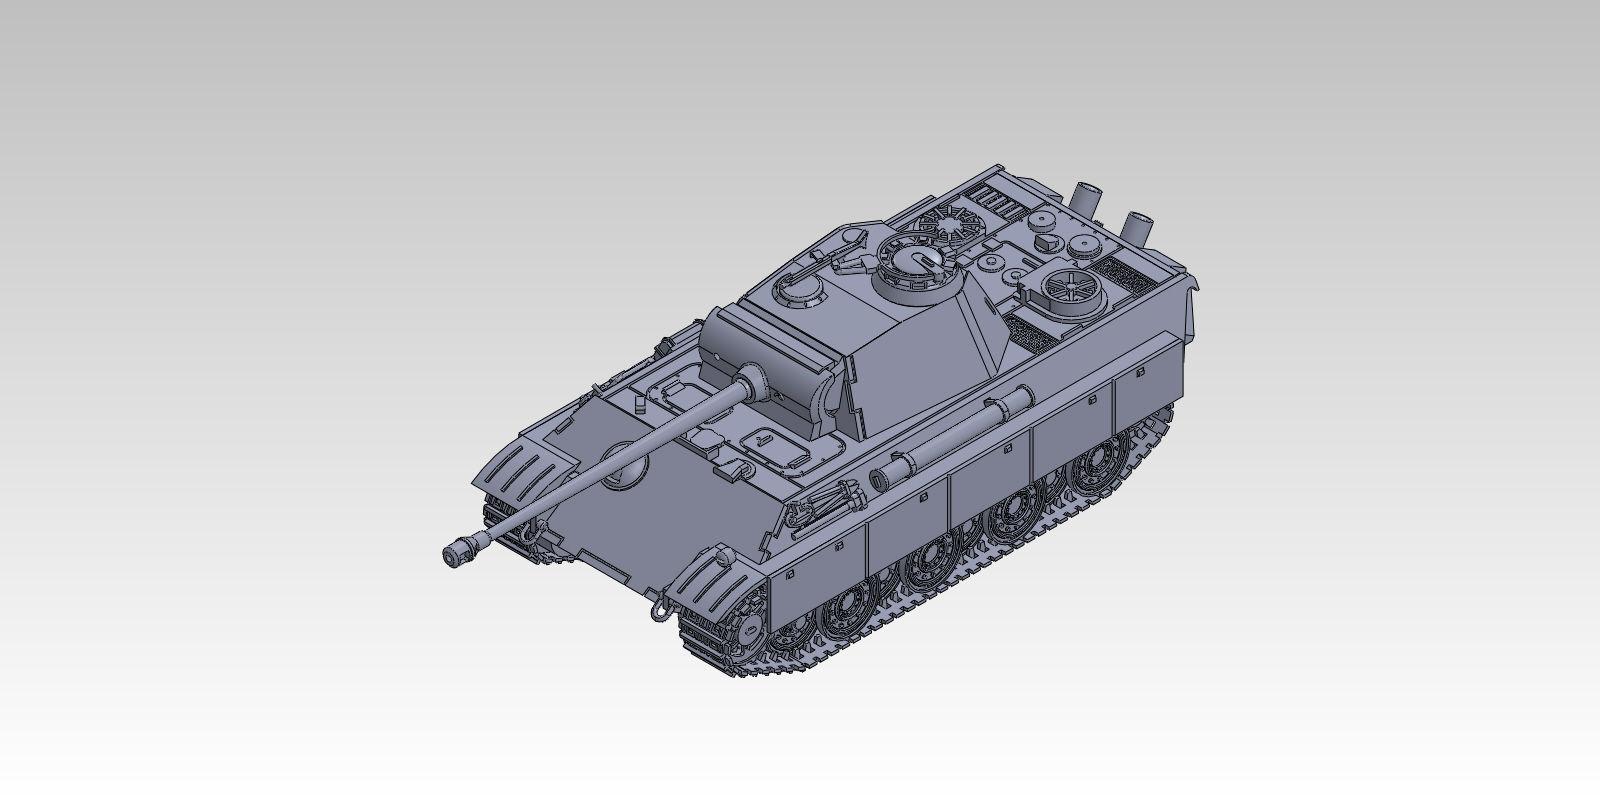 V号戦車パンターの画像 p1_33